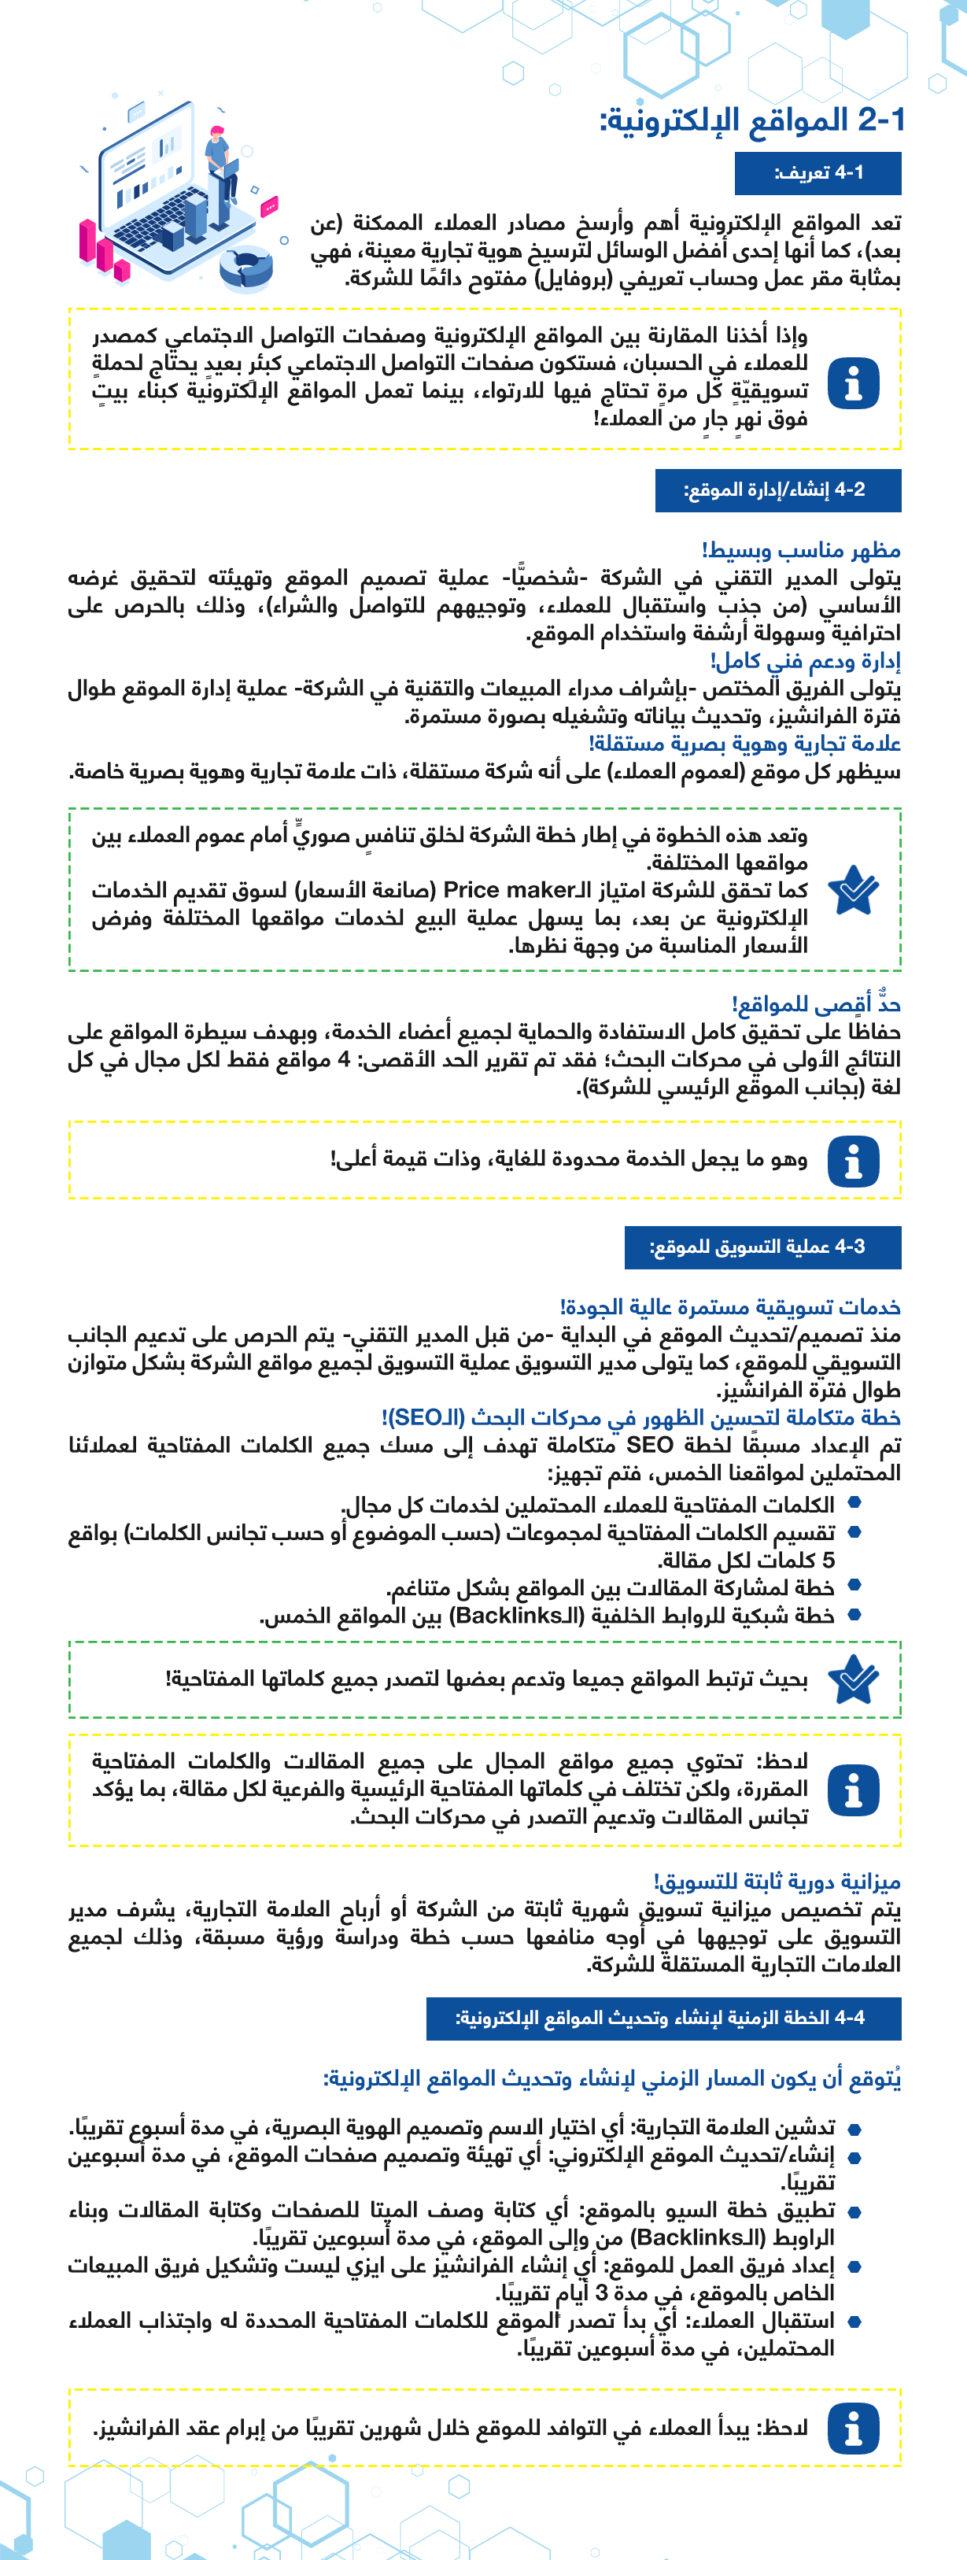 المواقع الإلكترونية كمصدر عملاء بفرانشيز الاستثمار بـ المركز العربي للخدمات الإلكترونية - ACFE-S